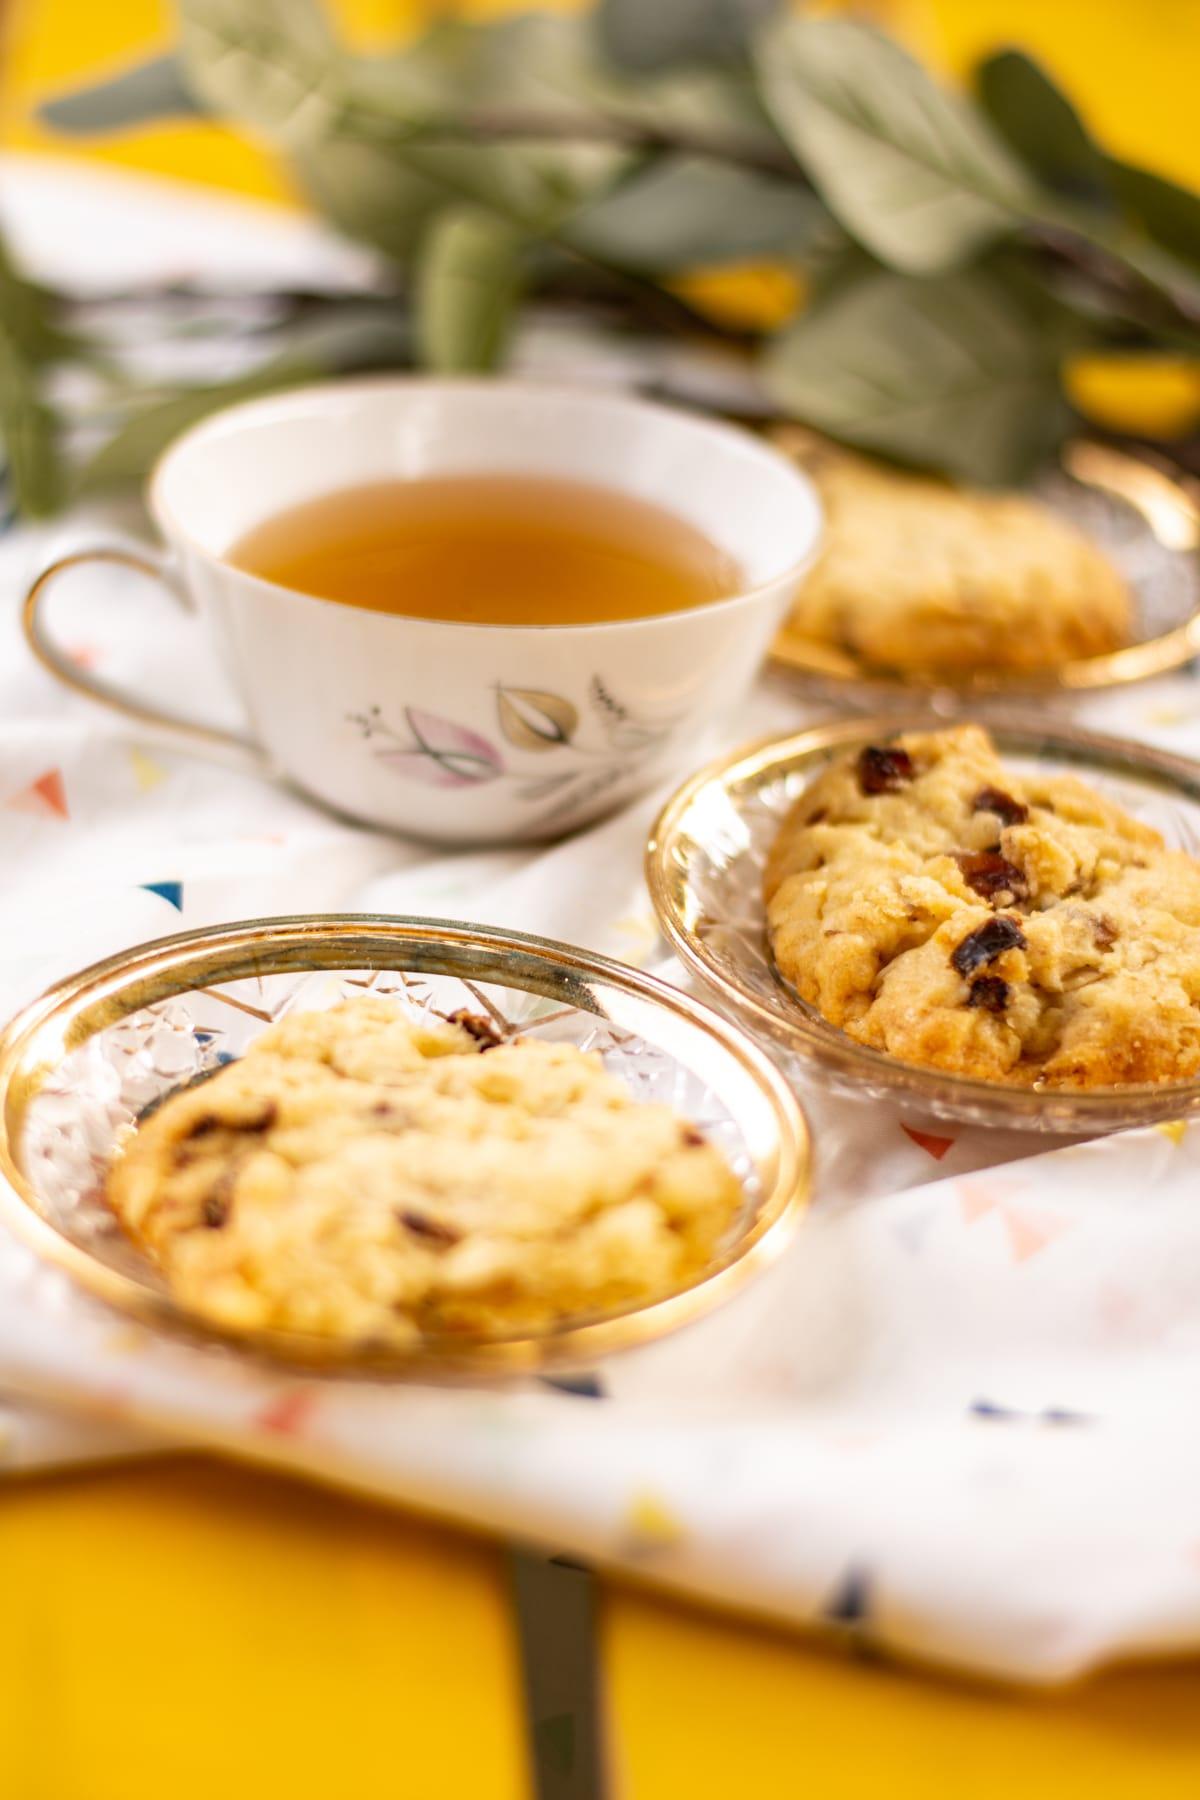 Koekjes met rozijnen en dadel - vegan dessert uit No Milky Way